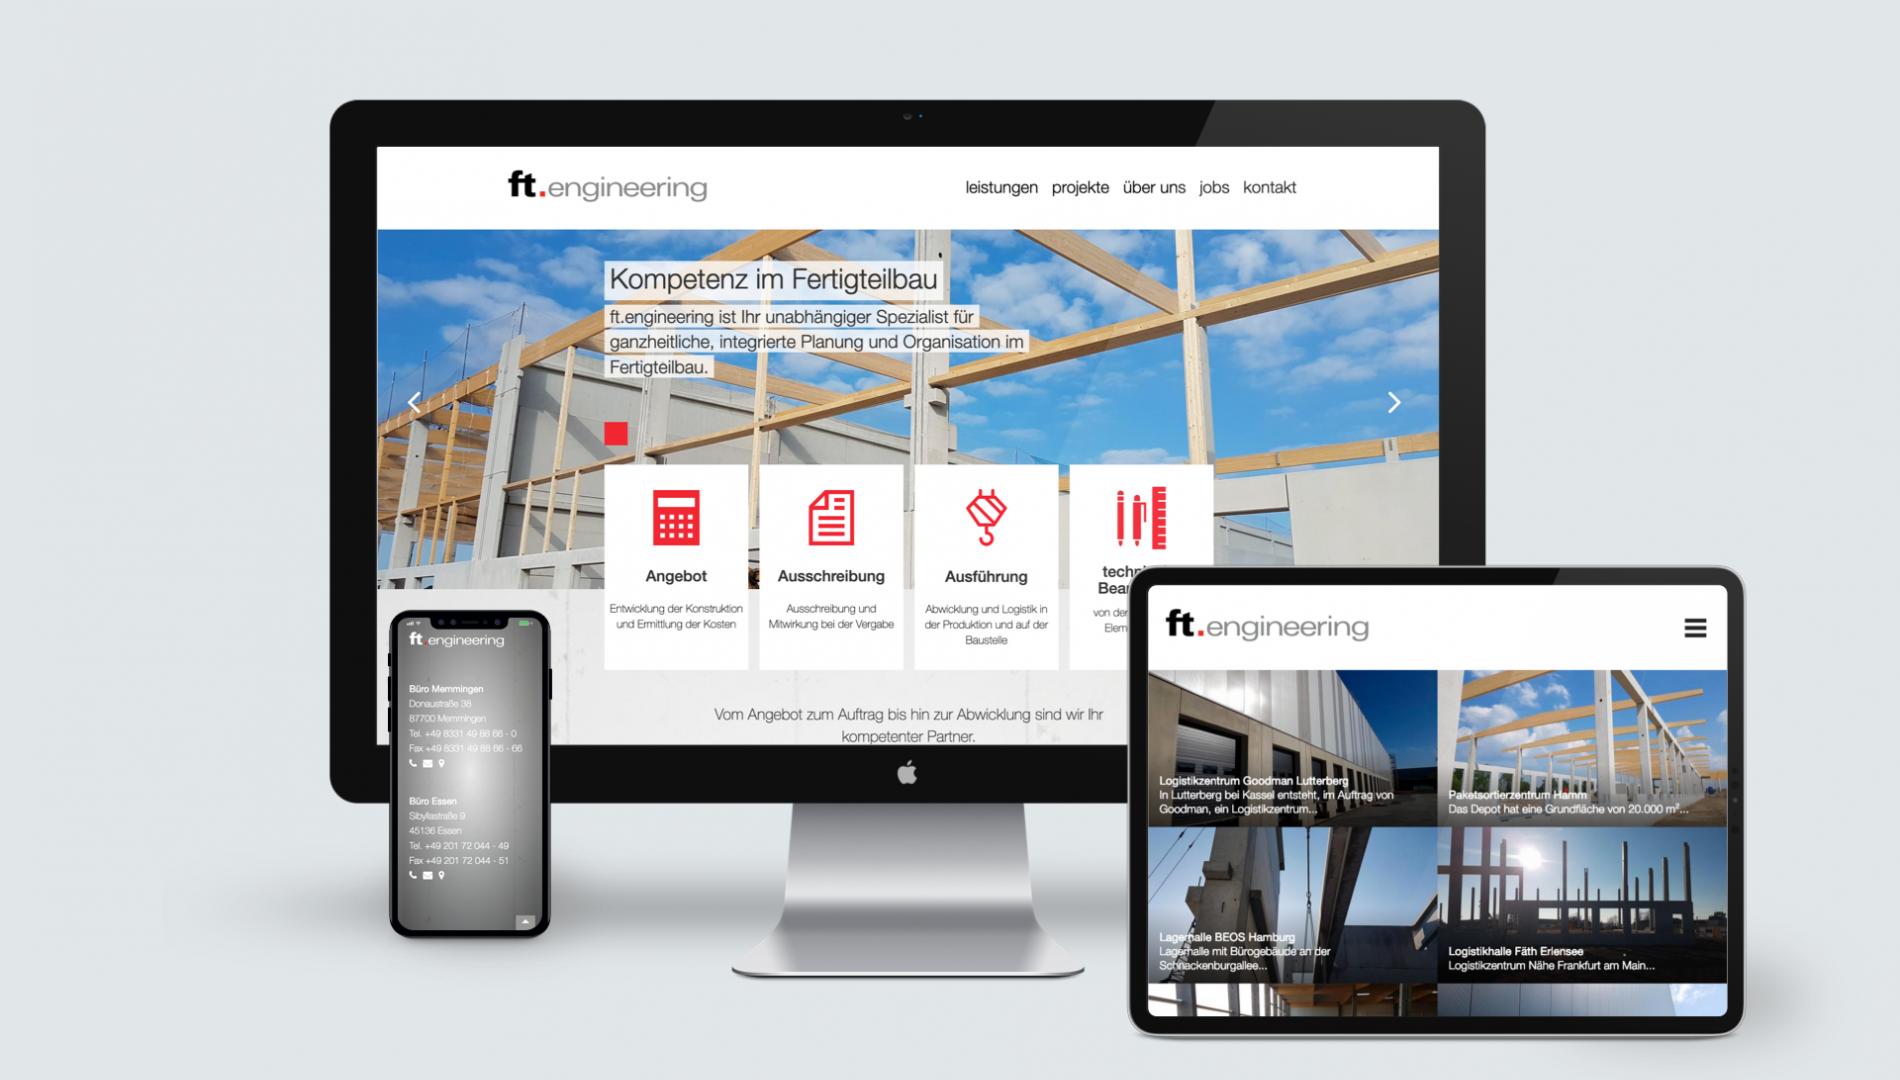 Markenentwicklung, Corporate Design und responsive Internetauftritt mit Silverstripe Content-Management System von der Werbeagentur das formt aus München